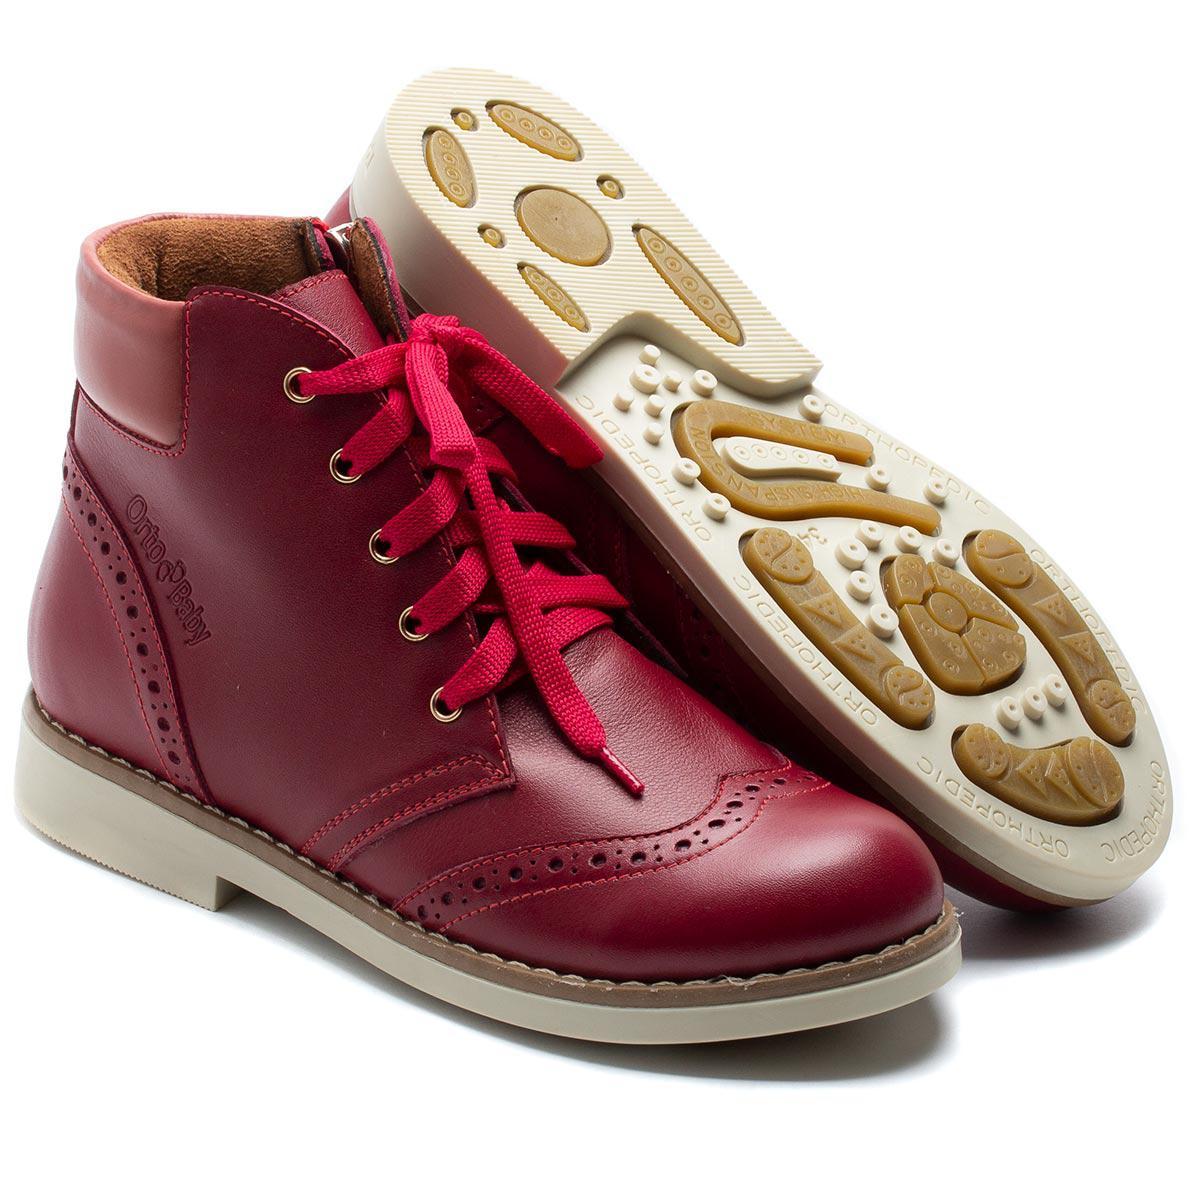 Ортопедические демисезонные ботинки FS Сollection  для девочки, размер 34-36